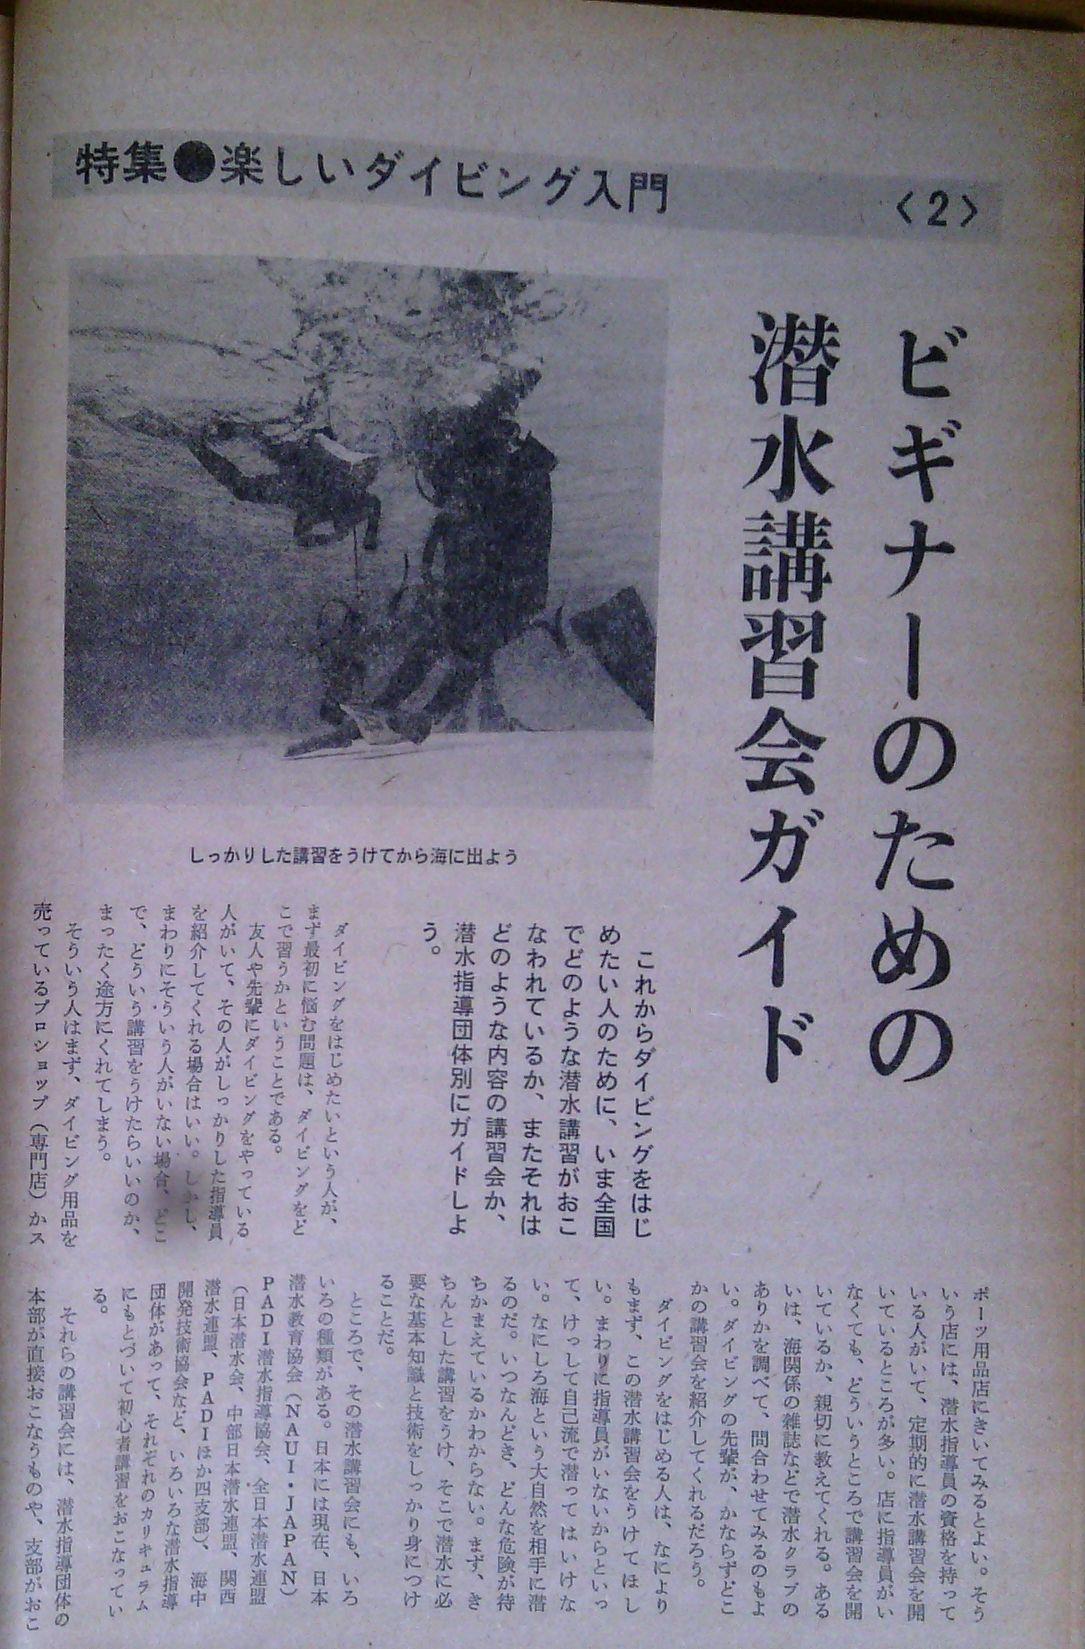 0513 ダイビングの歴史 70 海の世界 1974年 5月_b0075059_13203079.jpg